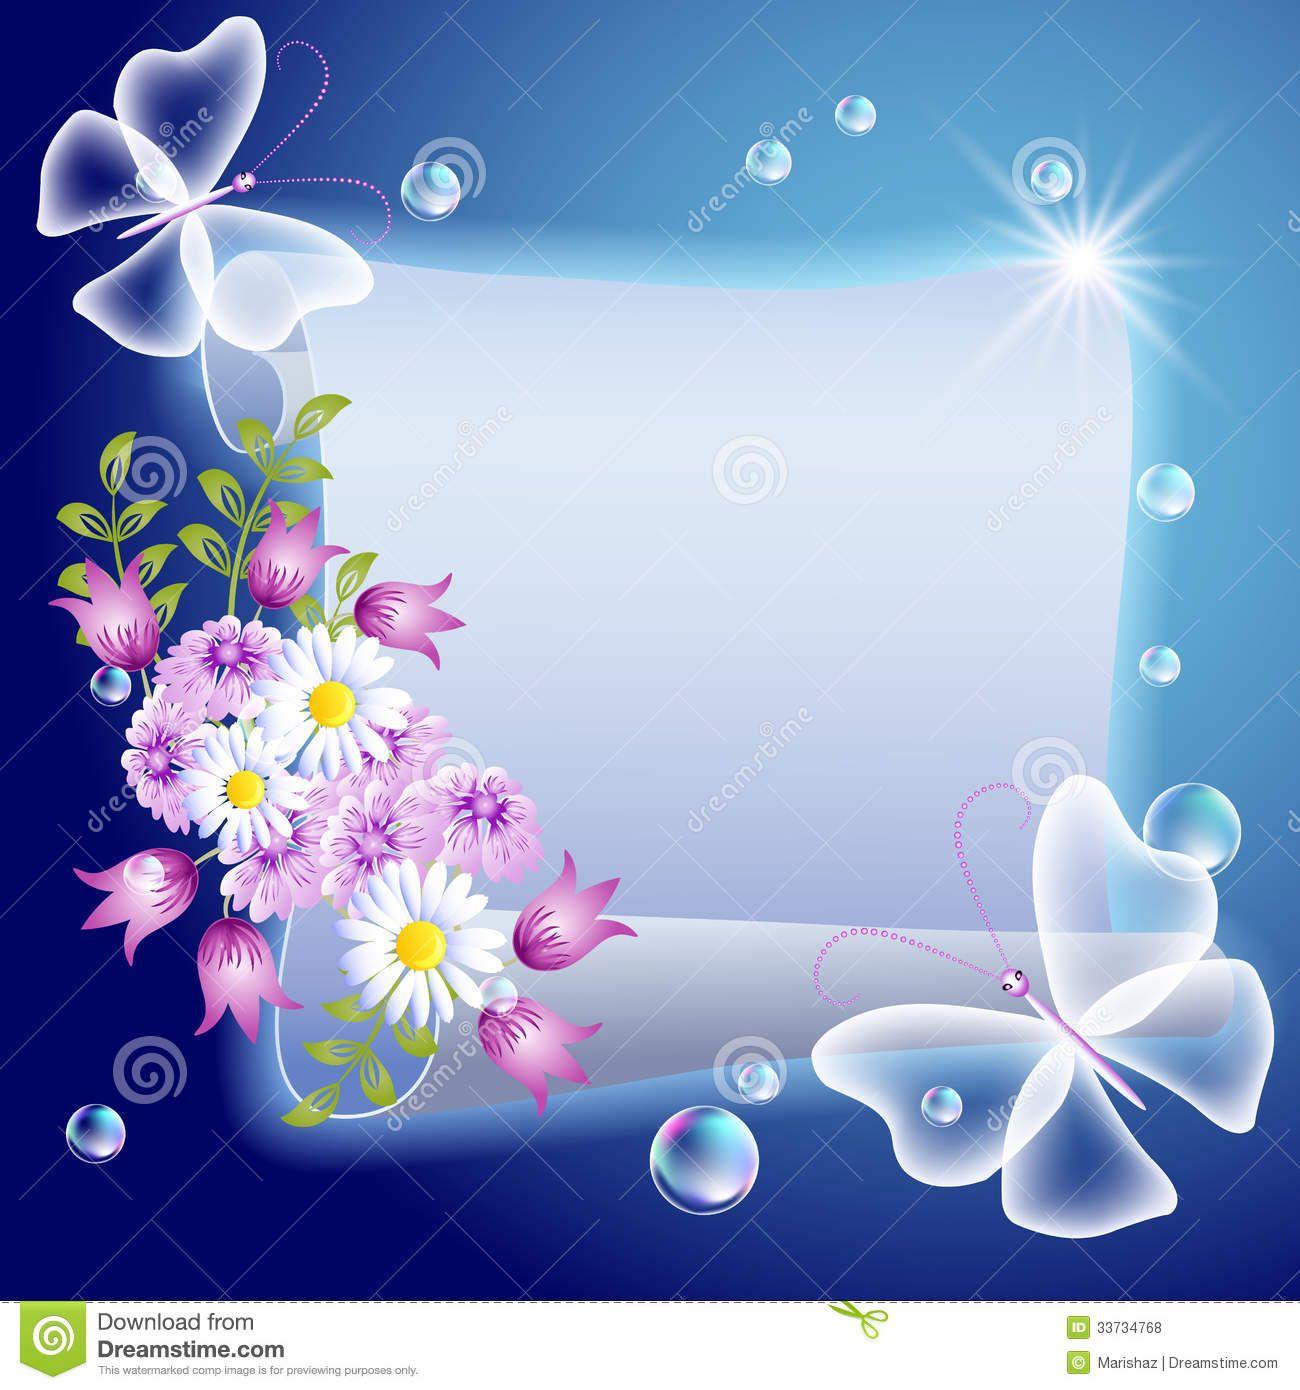 pergaminos de flores png - Buscar con Google | Pergaminos ...